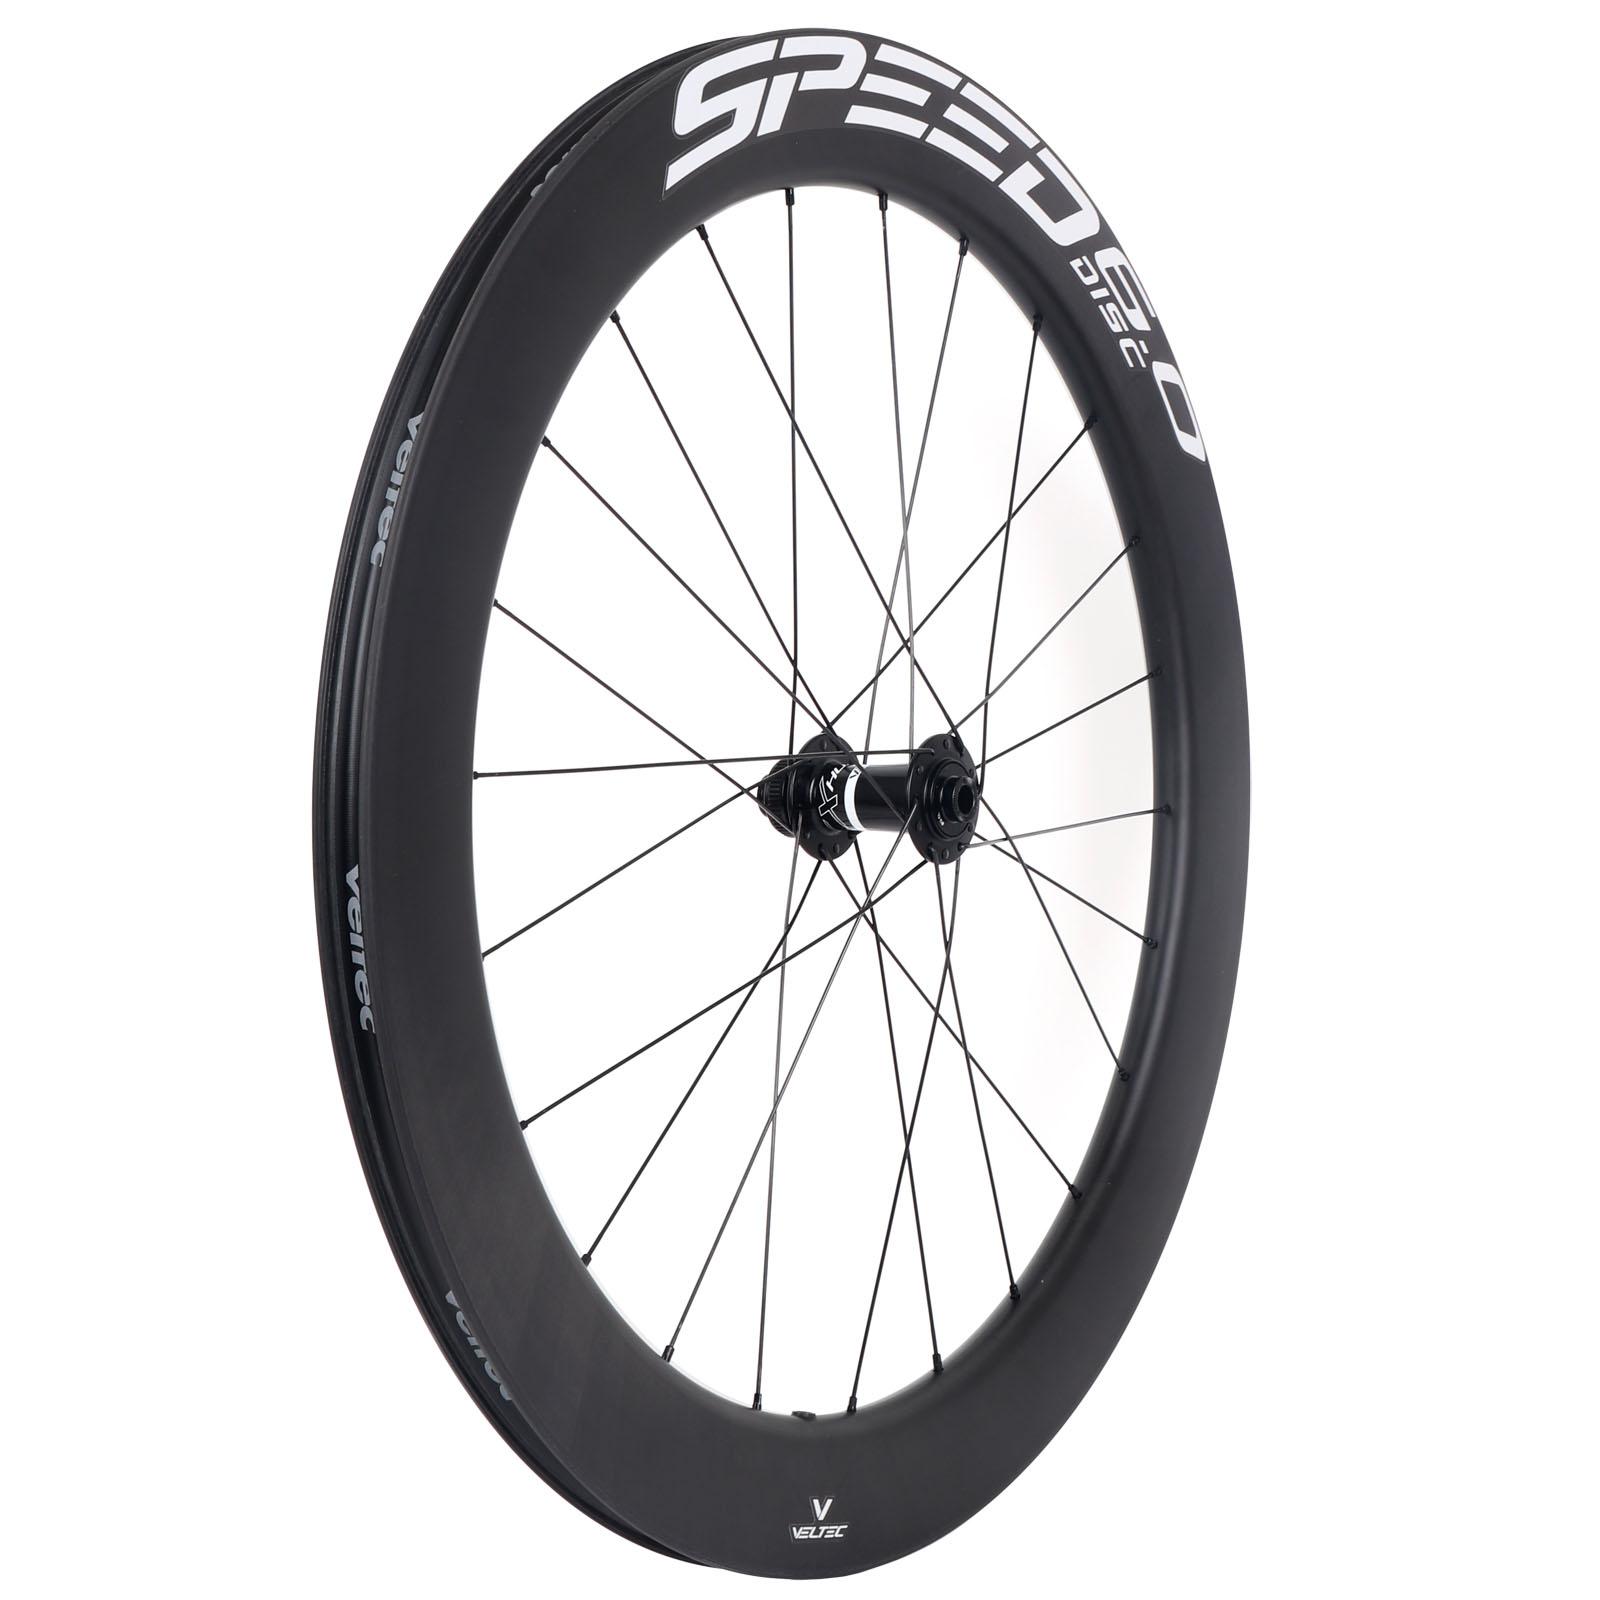 Bild von Veltec Speed 6.0 Disc Carbon Vorderrad - Drahtreifen - 12x100mm - schwarz mit weißen Decals